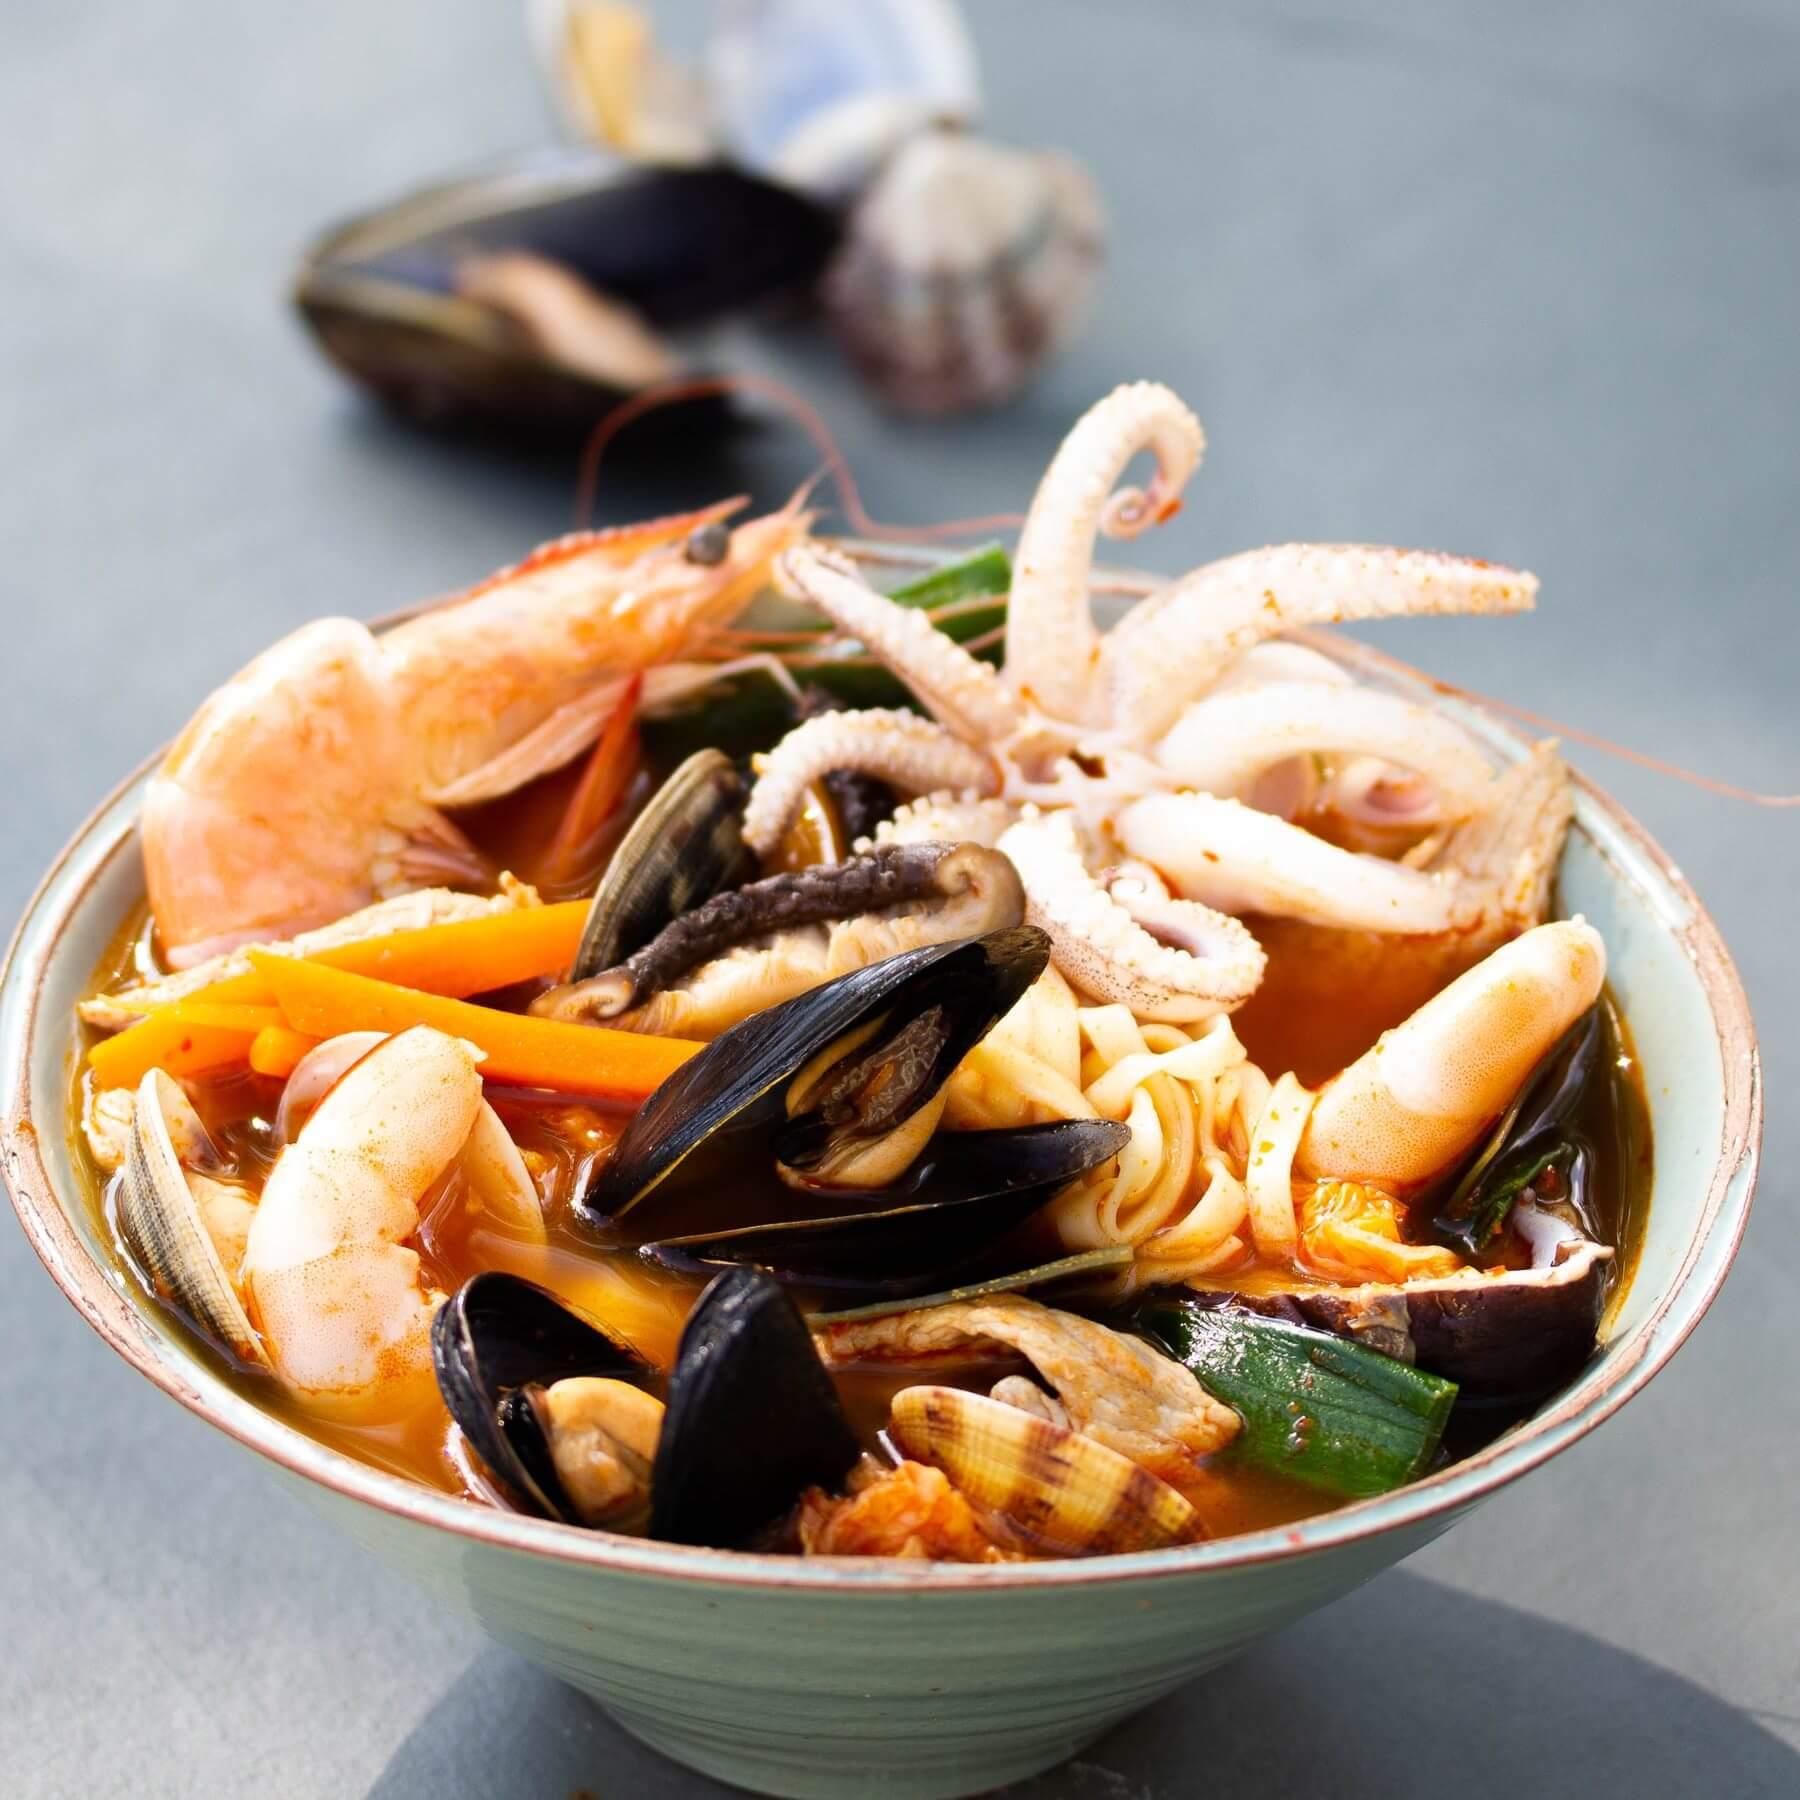 Scharfe Suppe mit Meeresfrüchten - Jjampong